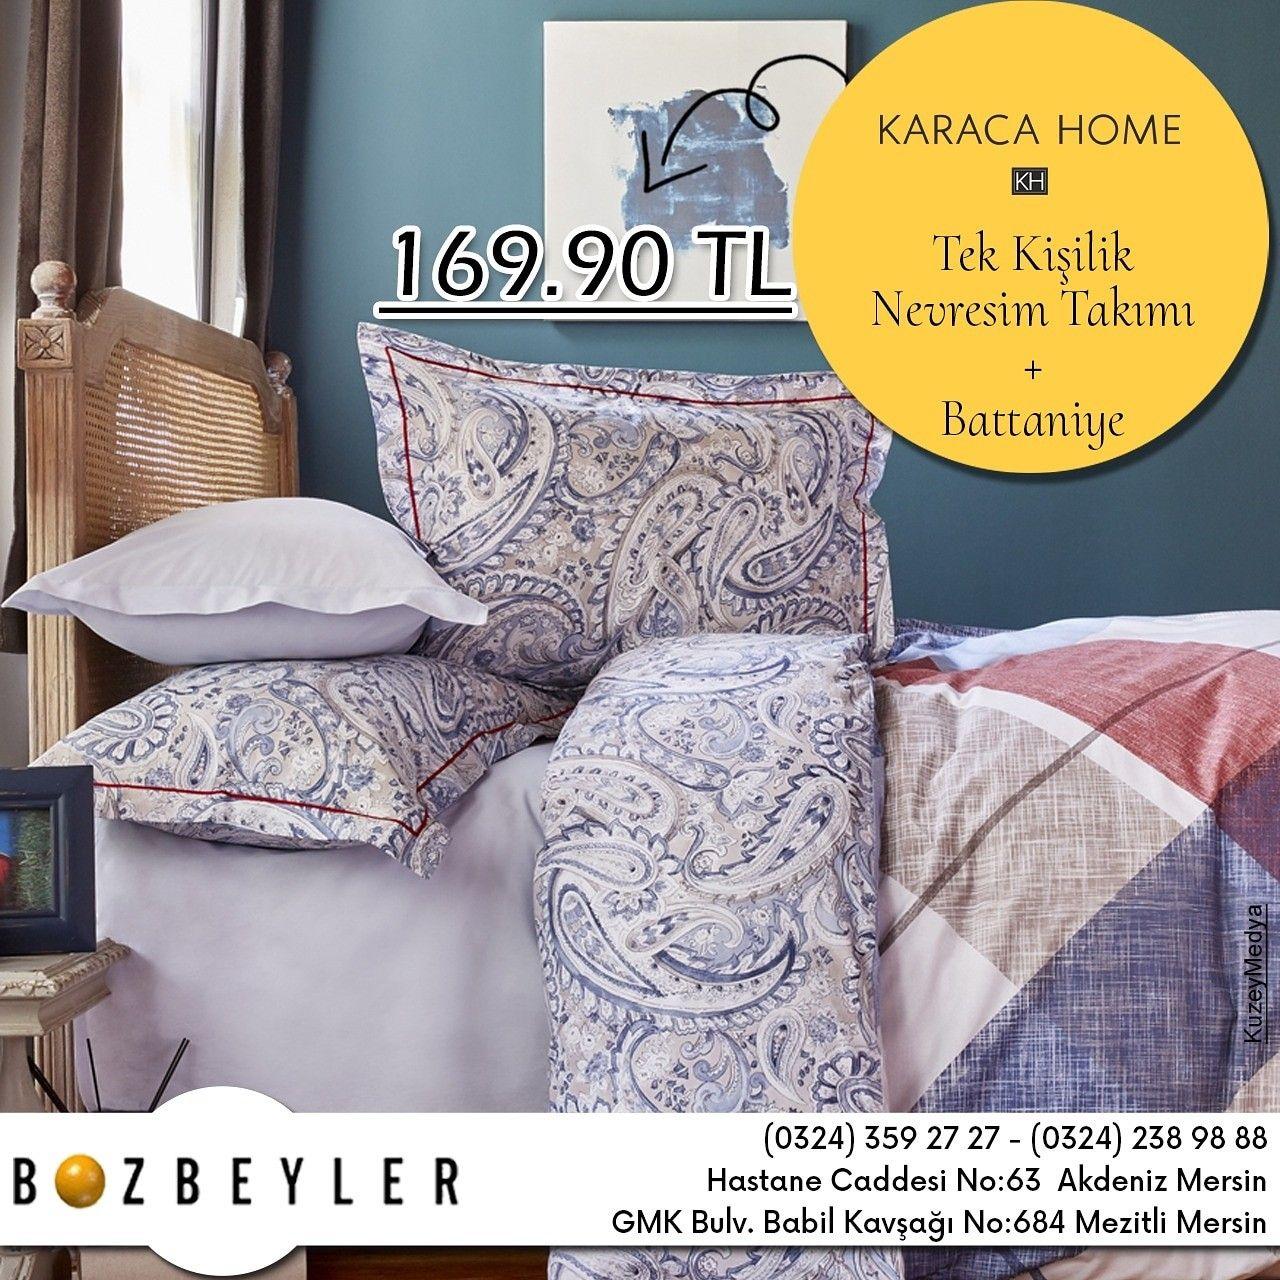 Karaca Home Tek Kisilik Nevresim Takimi Ve Battaniye Uygun Fiyatlari Ile Bozbeyler Magazasinda Bozbeyler Mersin Karacahome Beautiful Bedding Bed Bed Pillows